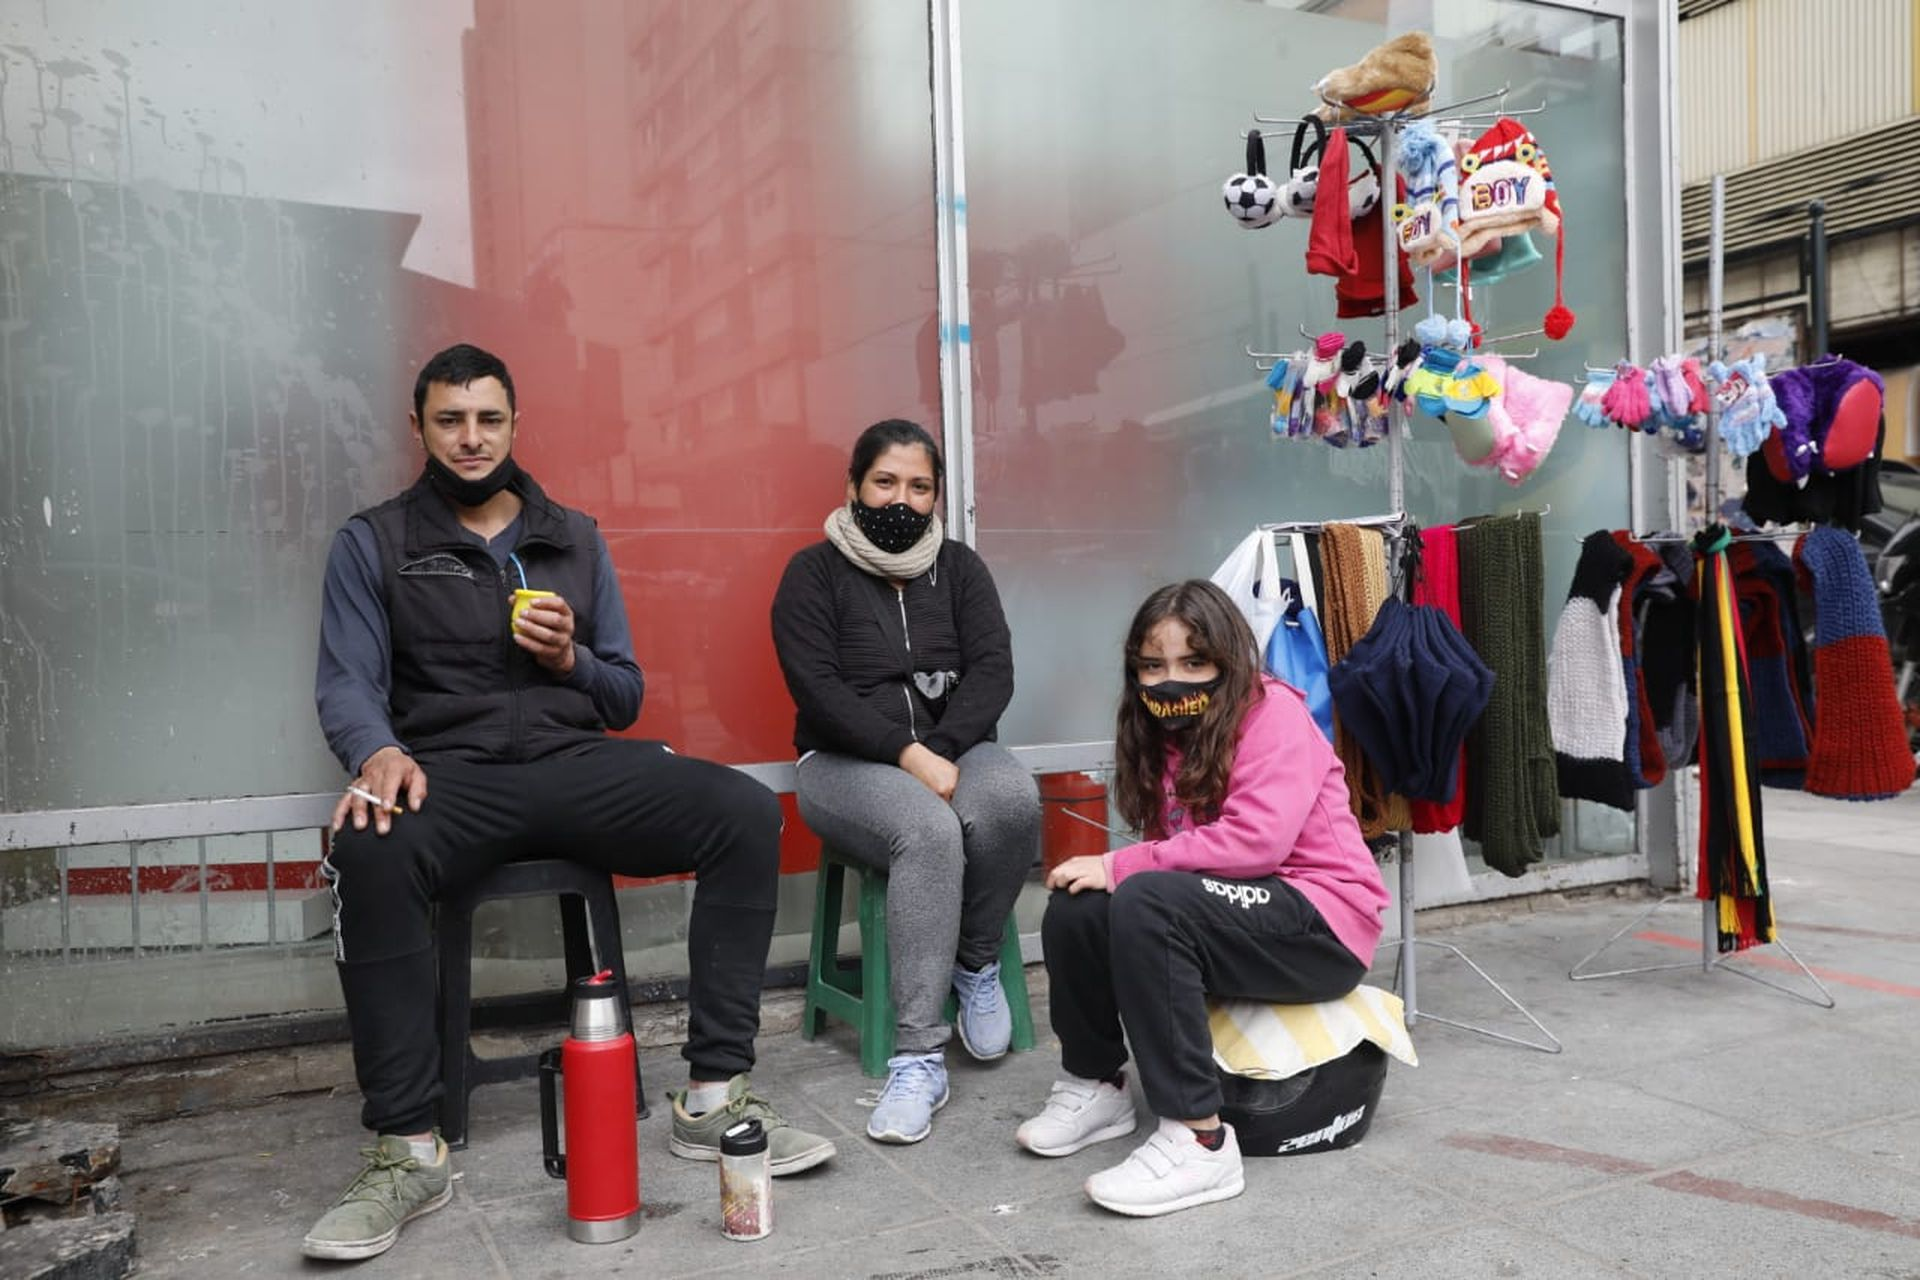 Cuando lo echaron del frigorífico, Andrés Blanco se puso a vender ropa en la calle con su mujer Leonela y su hija Uma